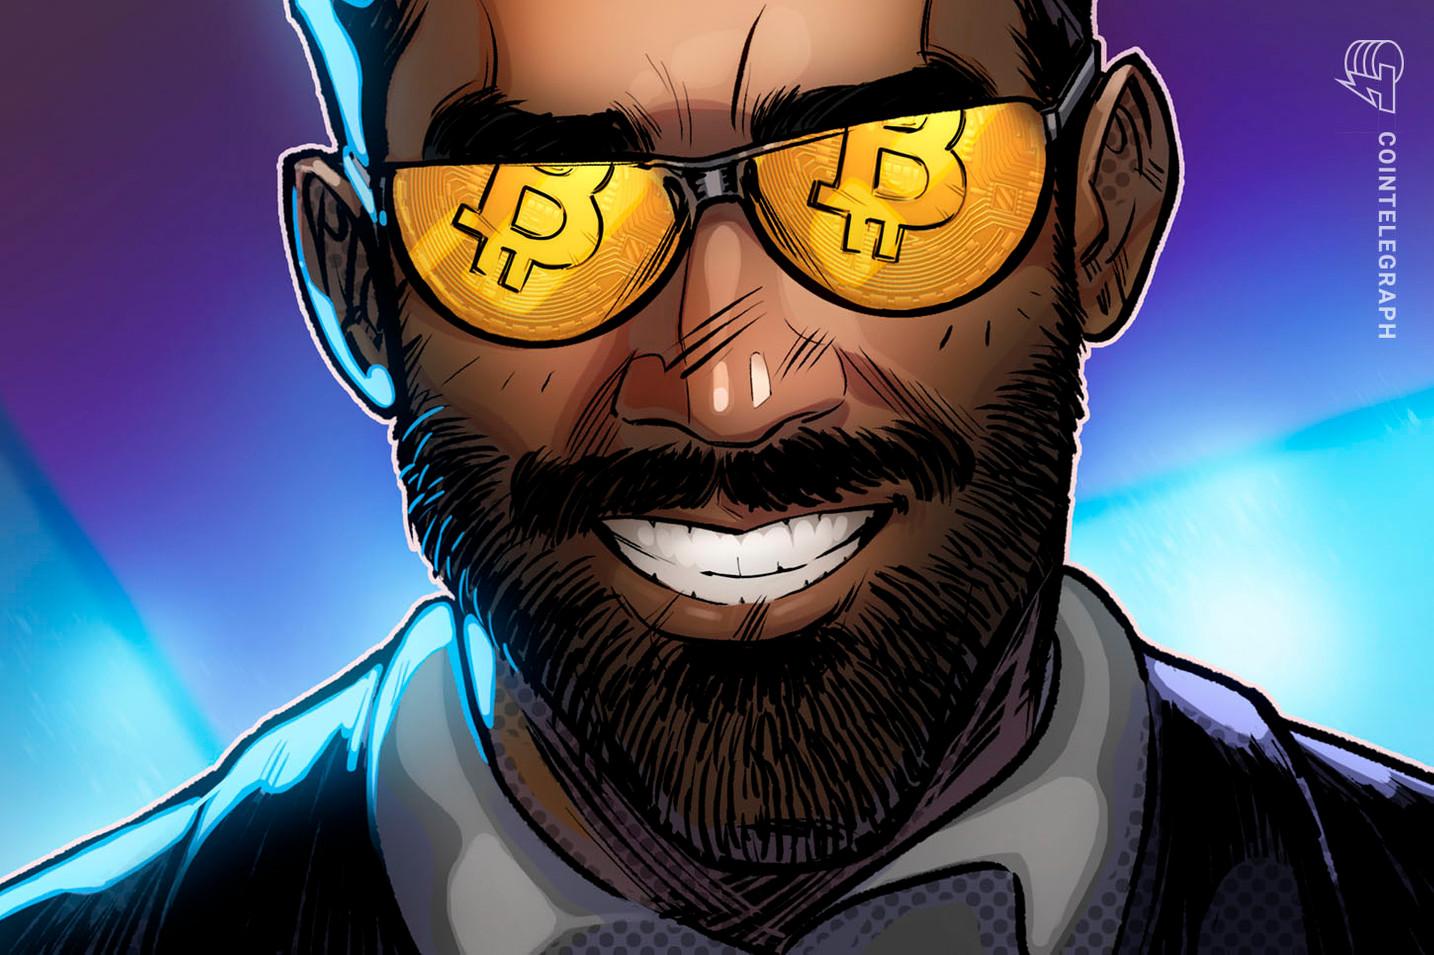 """Los monederos """"plancton"""" de Bitcoin batieron un nuevo récord, y hay otros 4 gráficos de BTC al alza"""